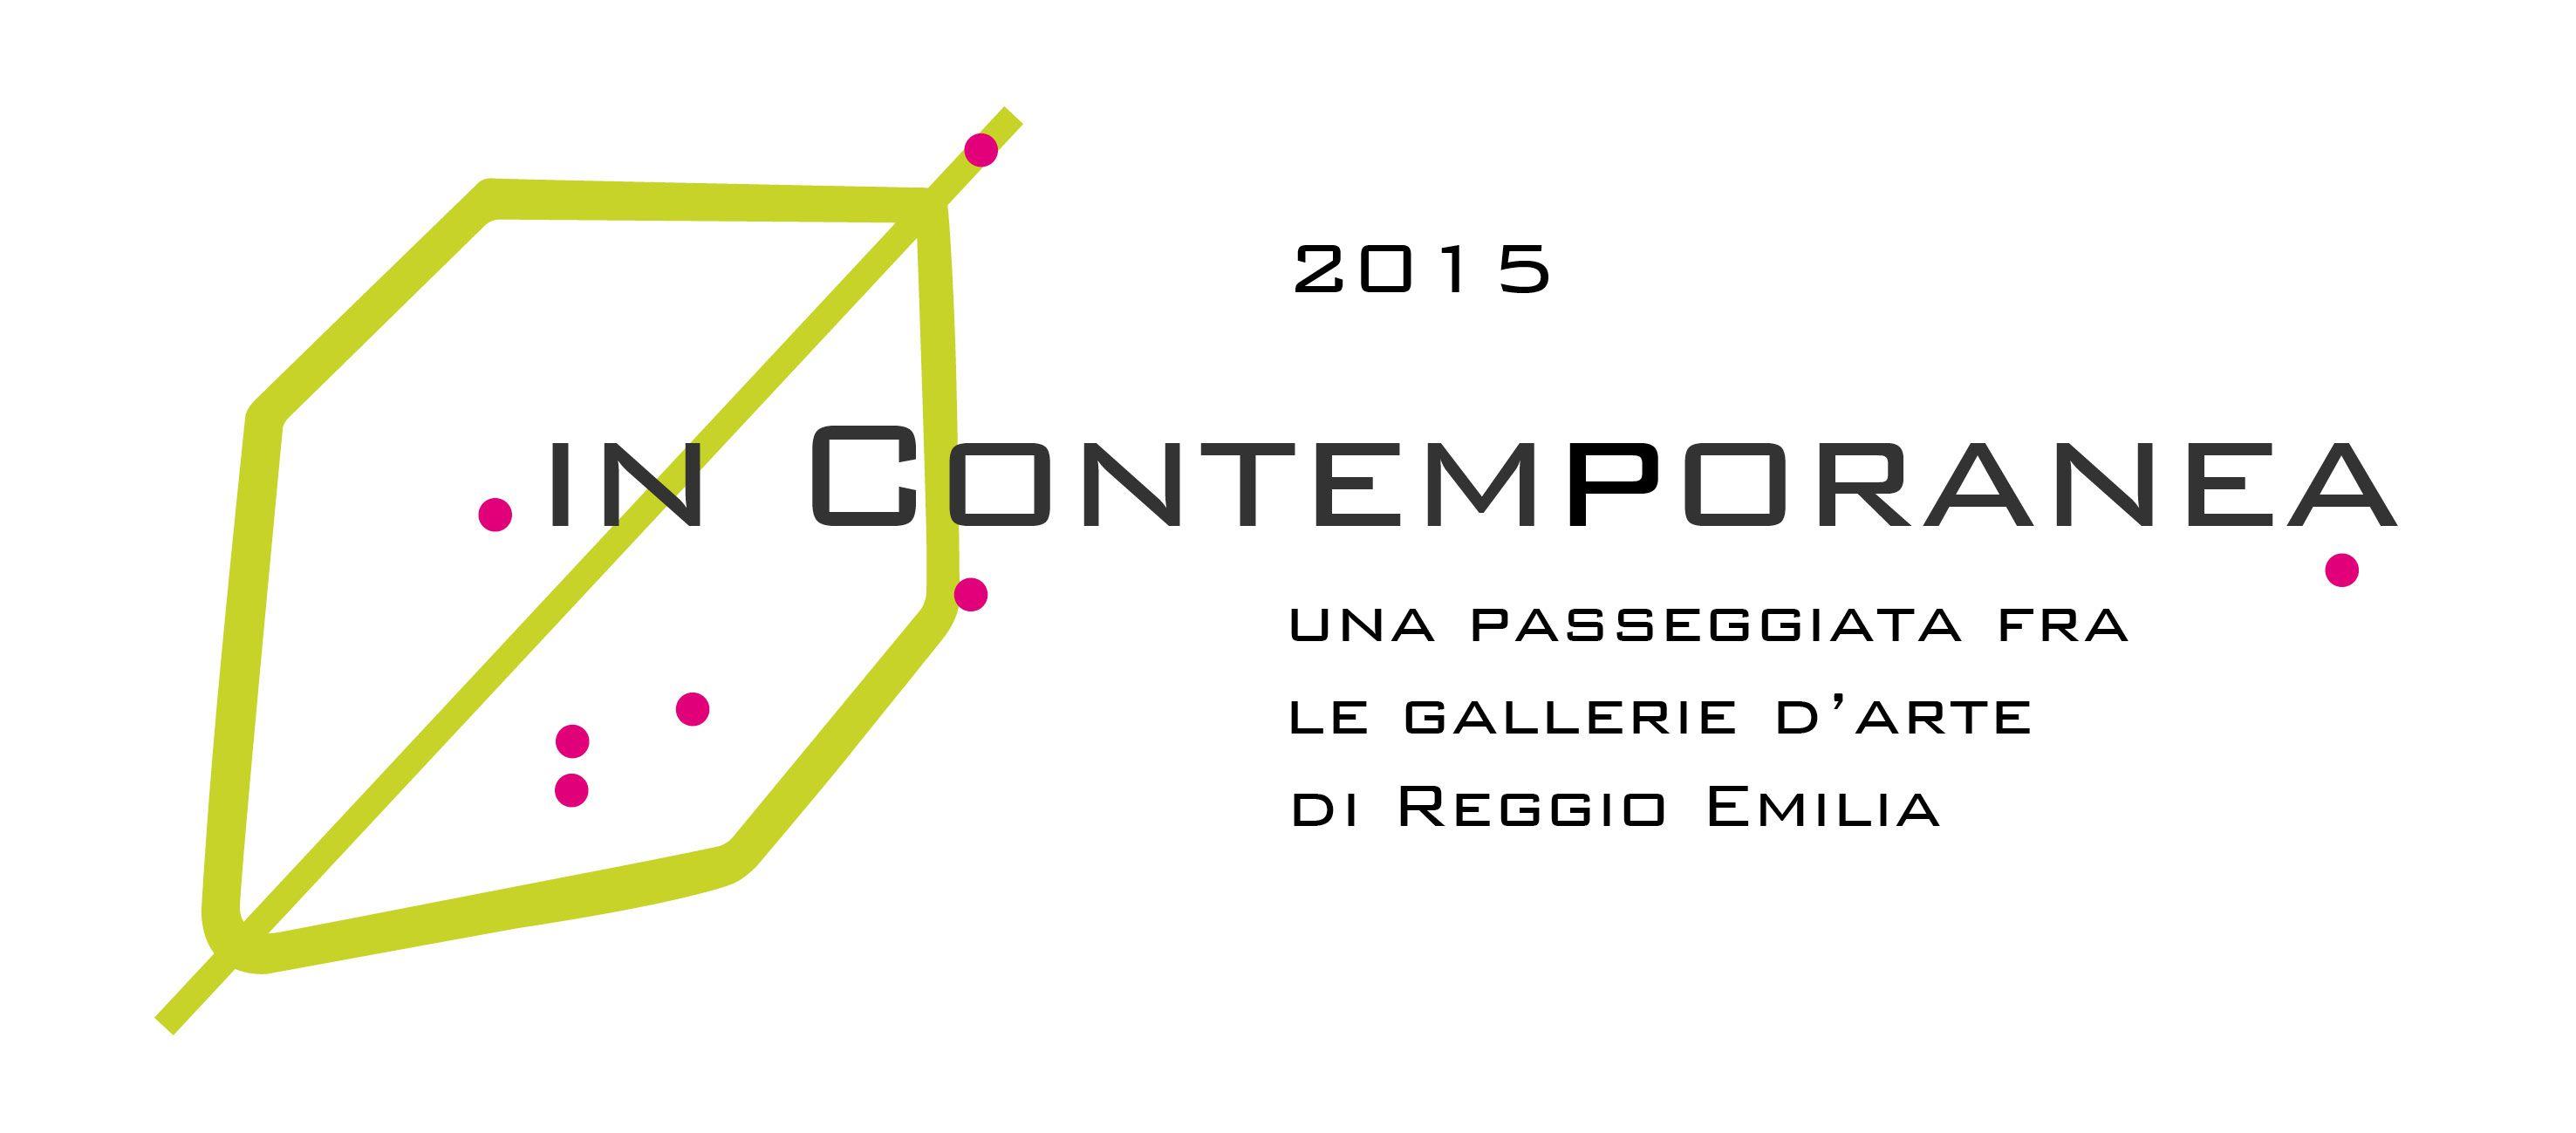 In Contemporanea: una passeggiata tra le gallerie d'arte di Reggio Emilia. Con il patrocinio del Comune di Reggio Emilia. #InContemporaneaRE